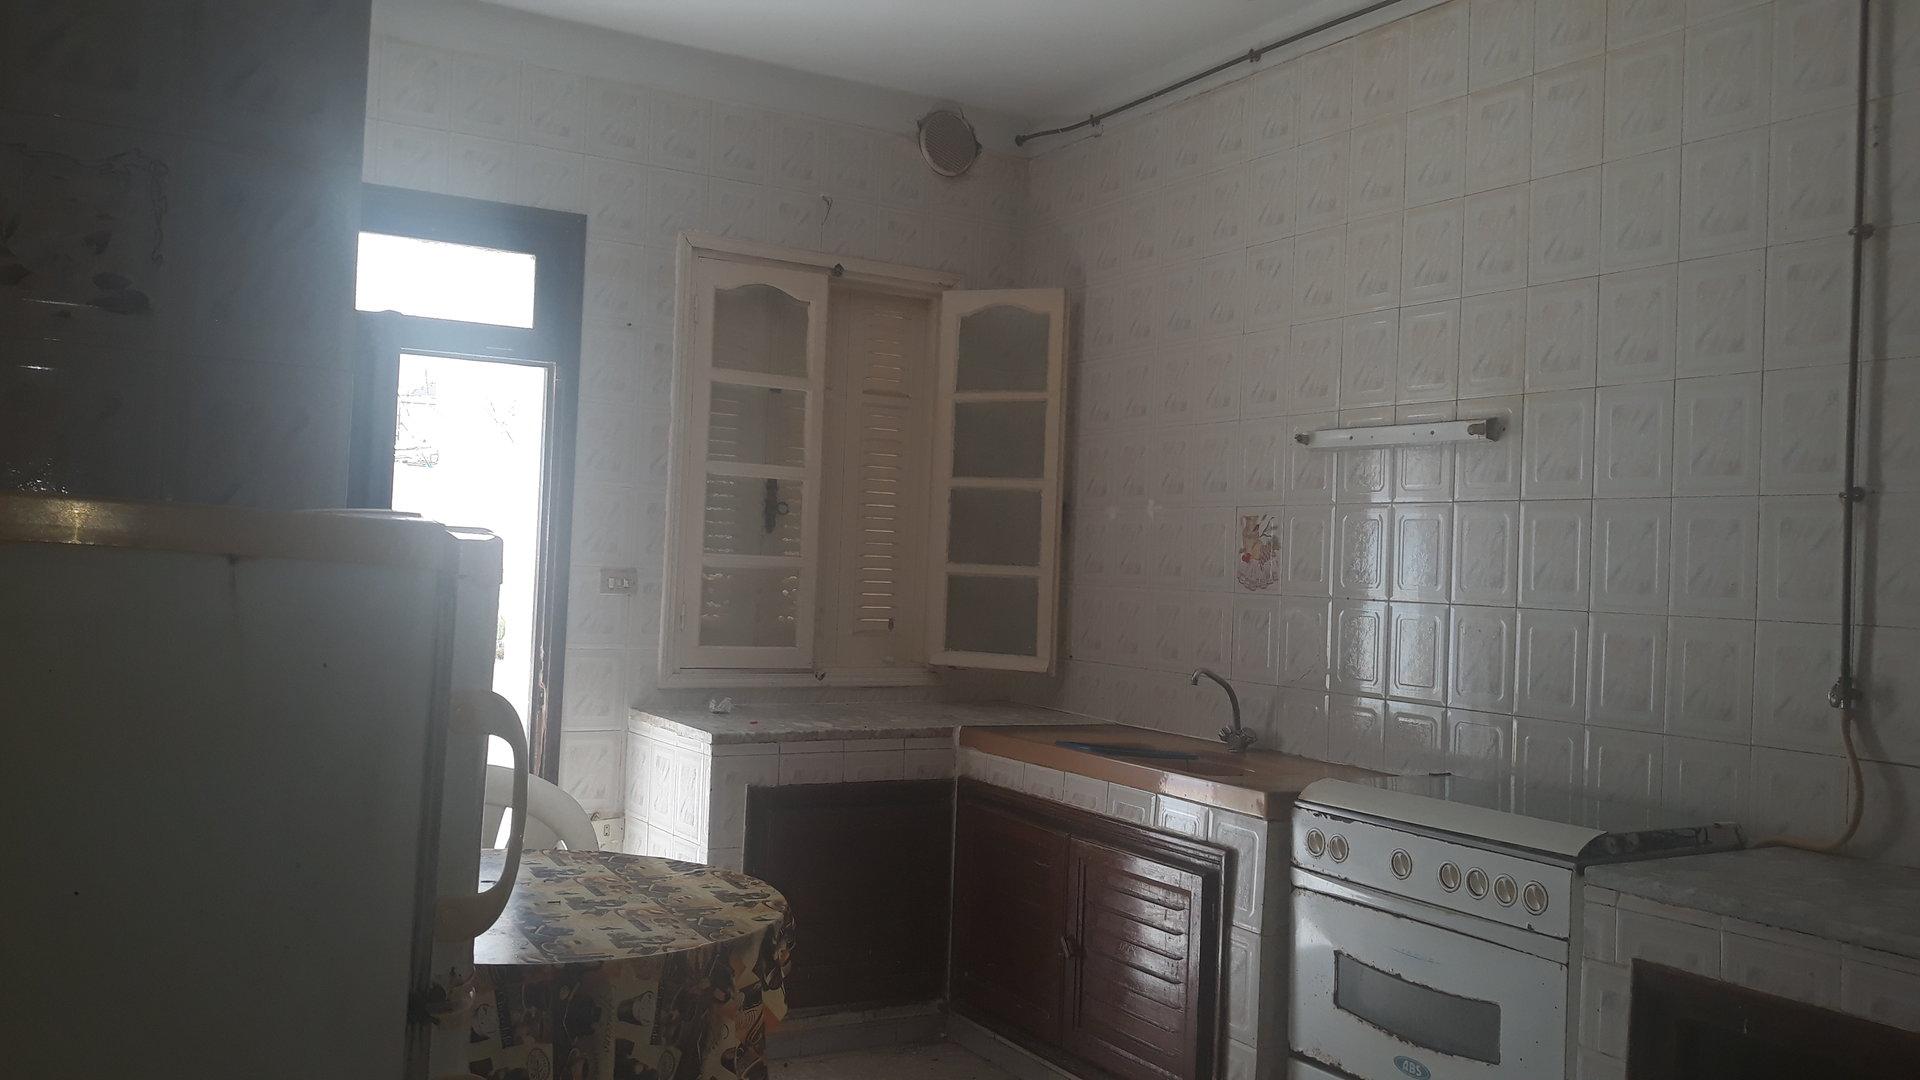 Rental Apartment - Khezama Ouest - Tunisia